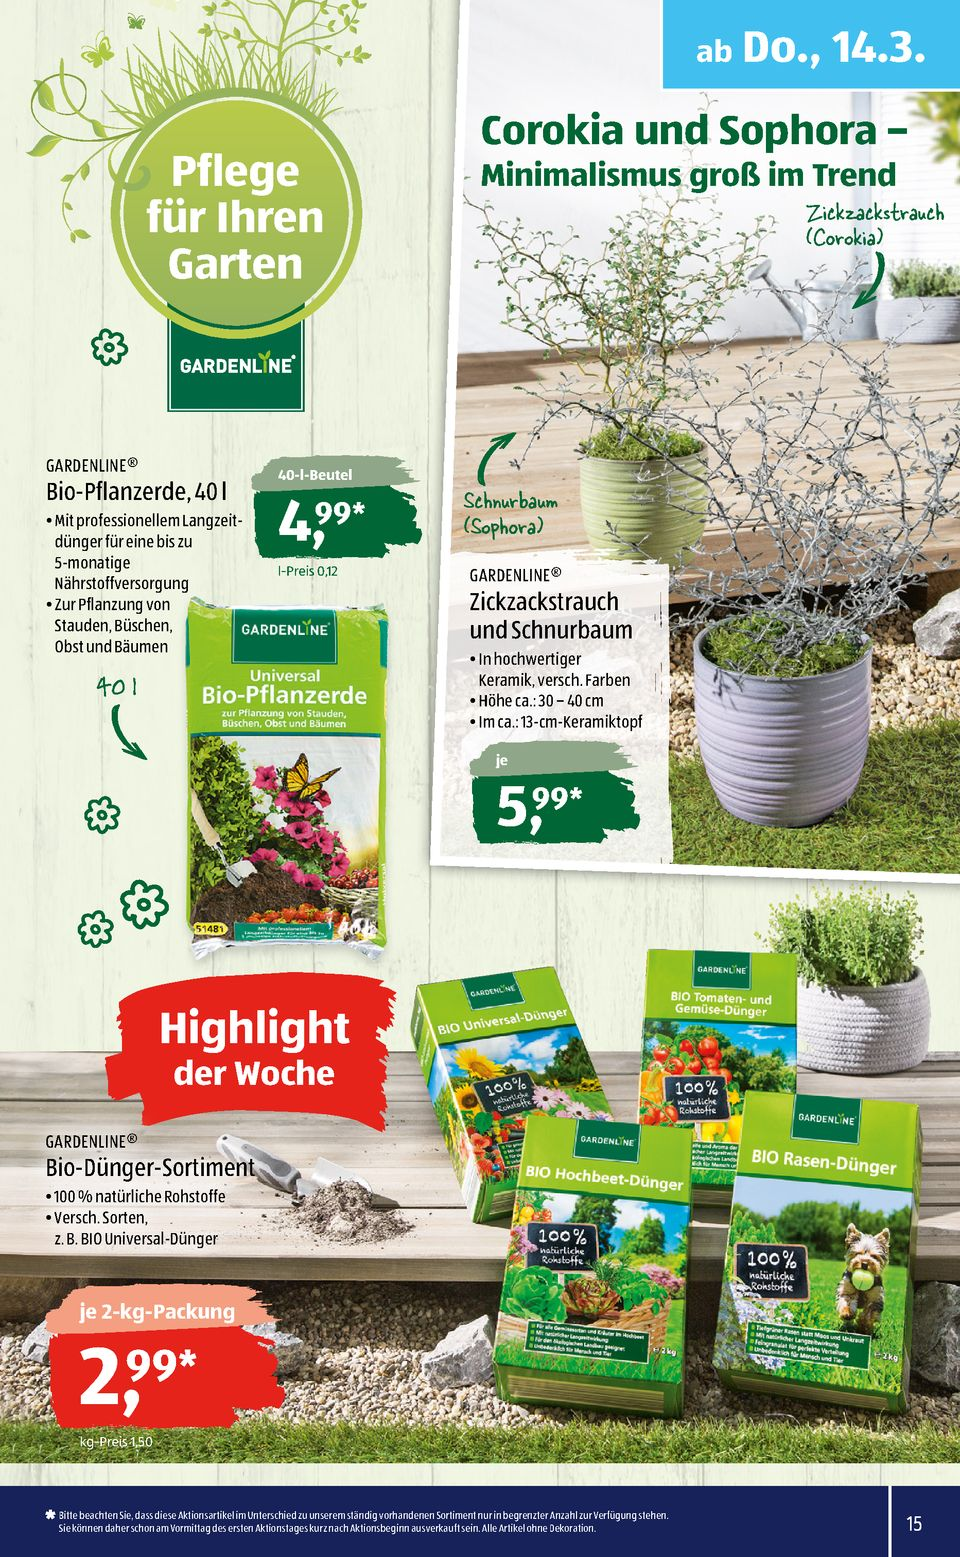 Full Size of Aldi Sd Prospekte Marken Aktion Der Woche Seite No 15 36 Relaxsessel Garten Hochbeet Wohnzimmer Hochbeet Aldi